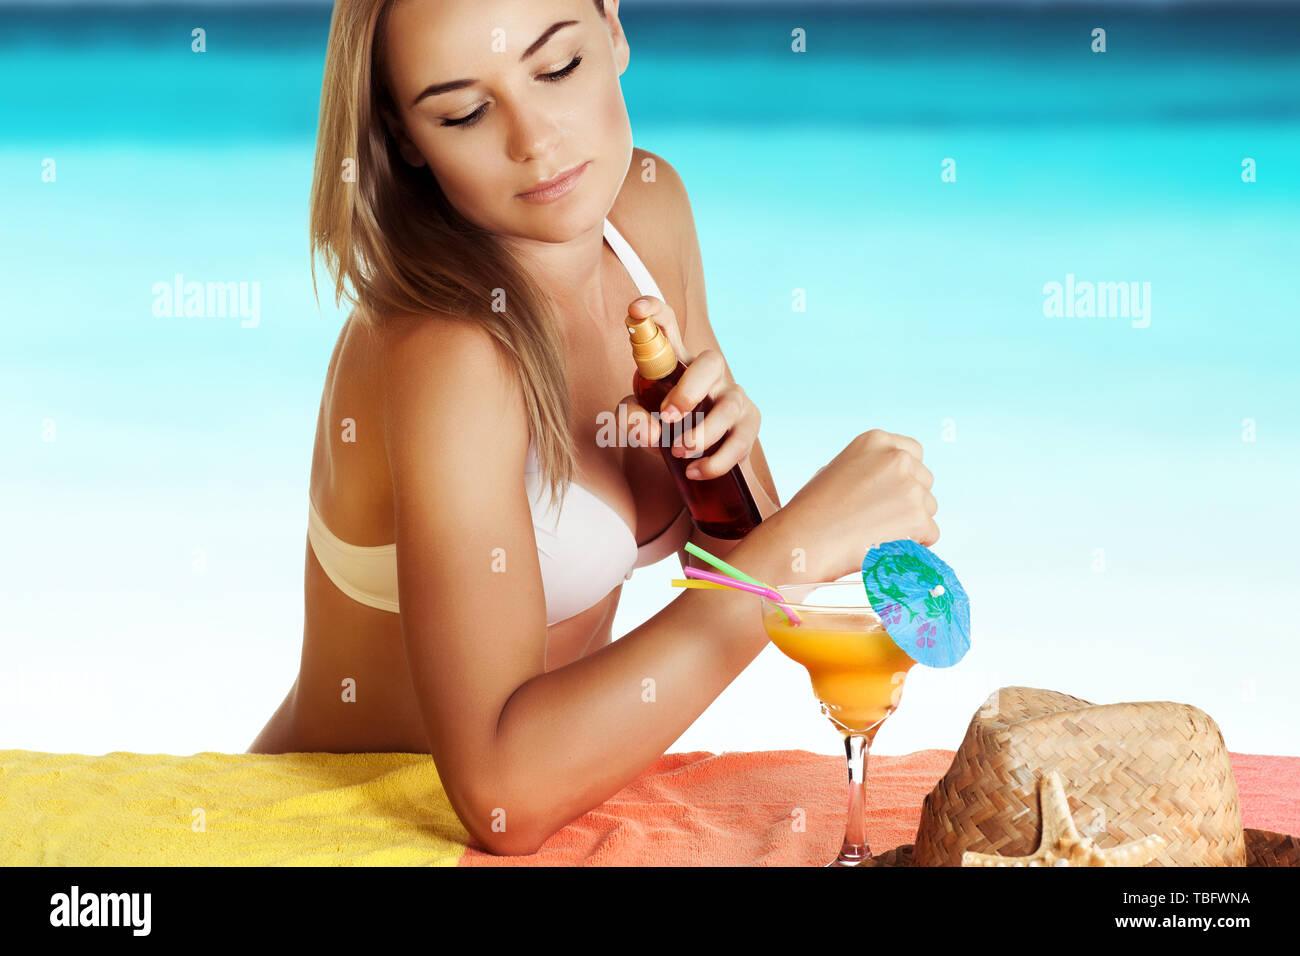 Bella ragazza a prendere il sole sulla spiaggia, utilizza una protezione solare spray per una abbronzatura sicura e divertente vacanza estiva vicino al mare, cura della pelle concept Immagini Stock